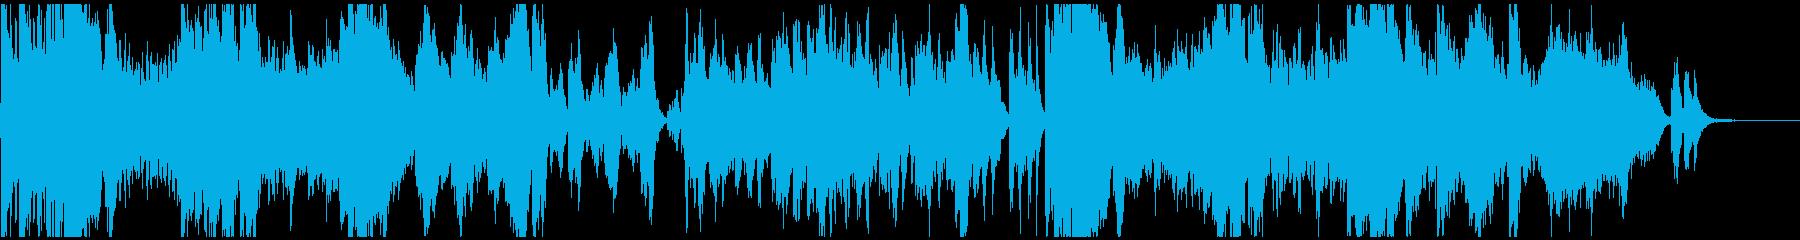 ドタバタと大騒ぎするオーケストラの再生済みの波形